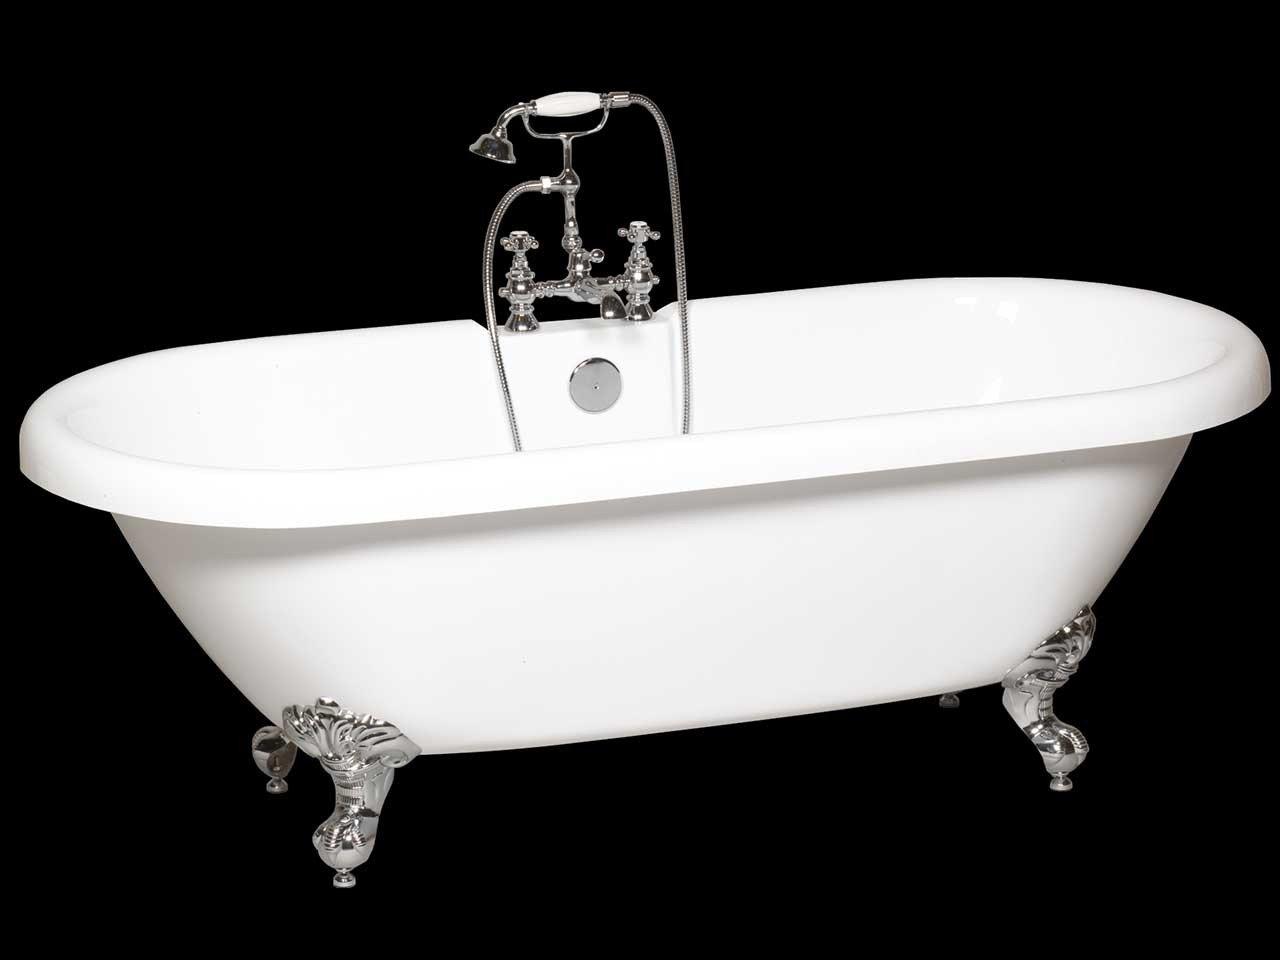 Vasca Da Bagno Francia : Vasche da bagno: le migliori prezzi e caratteristiche